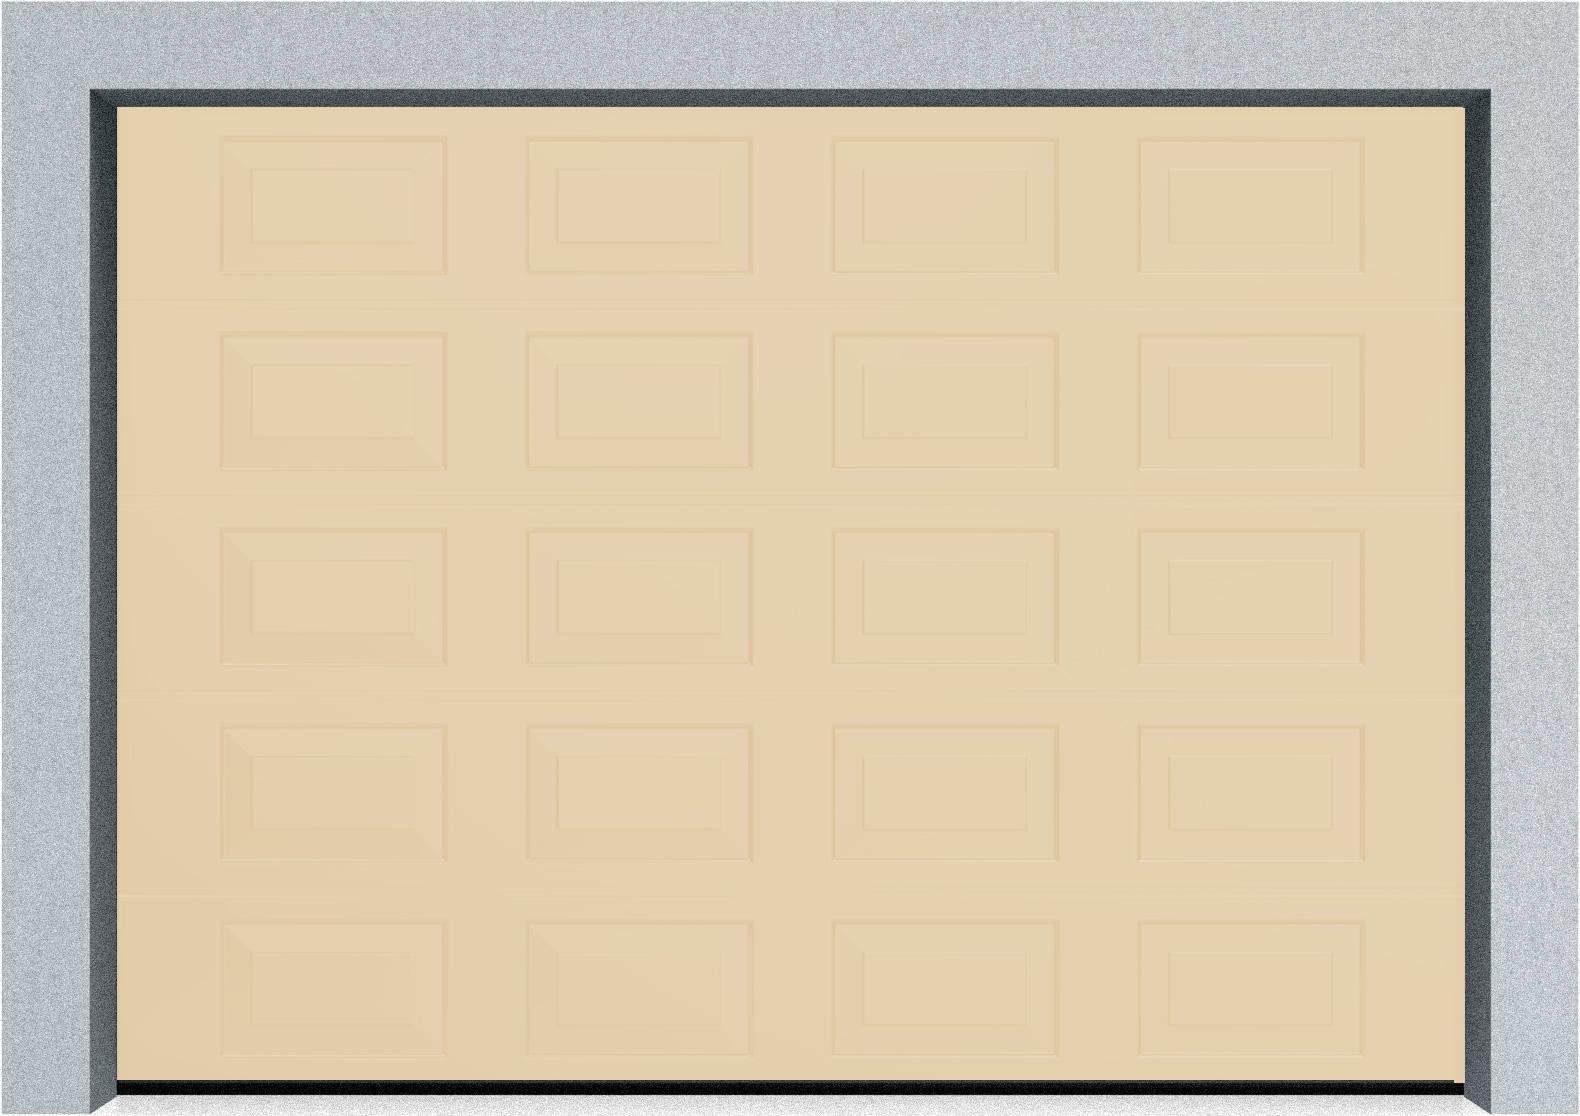 Секционные гаражные ворота DoorHan RSD01 3500x2000 Филенка стандартные цвета, пружины растяжения, фото 6